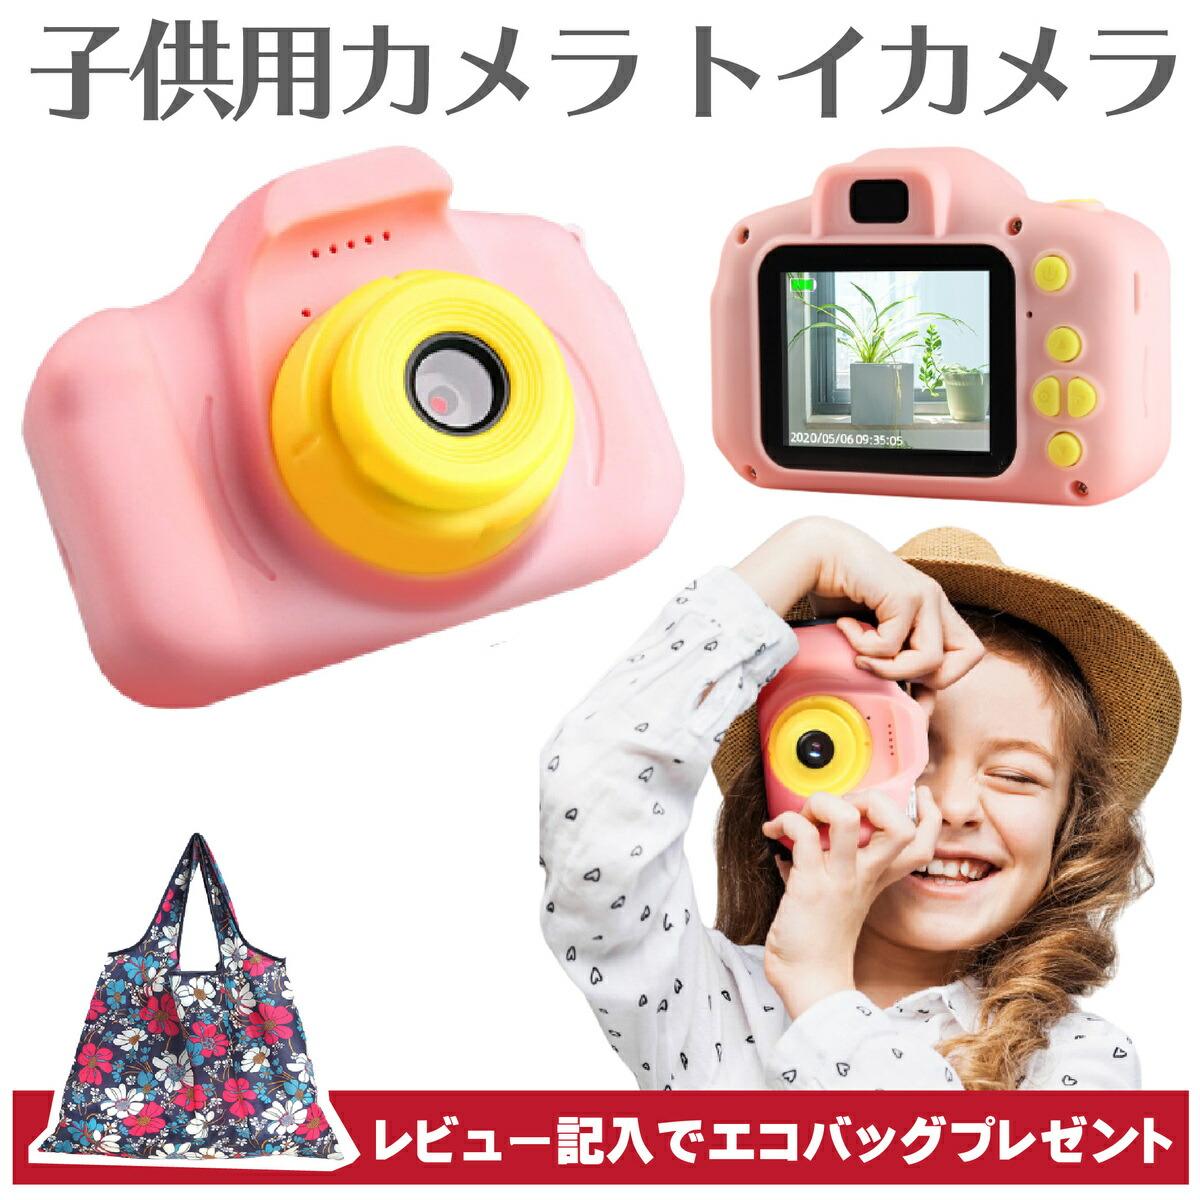 子供へのクリスマスプレゼント 入荷予定 タイマー撮影 日本語説明書付き ピンク キッズカメラ トイカメラ カメラ 子供用 おもちゃ オモチャ デジタルカメラ SDカード付き かわいい 携帯ストラップ付 録画 教育玩具 500万画素1080P ギフト クリスマス 連写 プレゼント 2.0インチIPS液晶写真 贈り物 期間限定送料無料 送料無料 誕生日